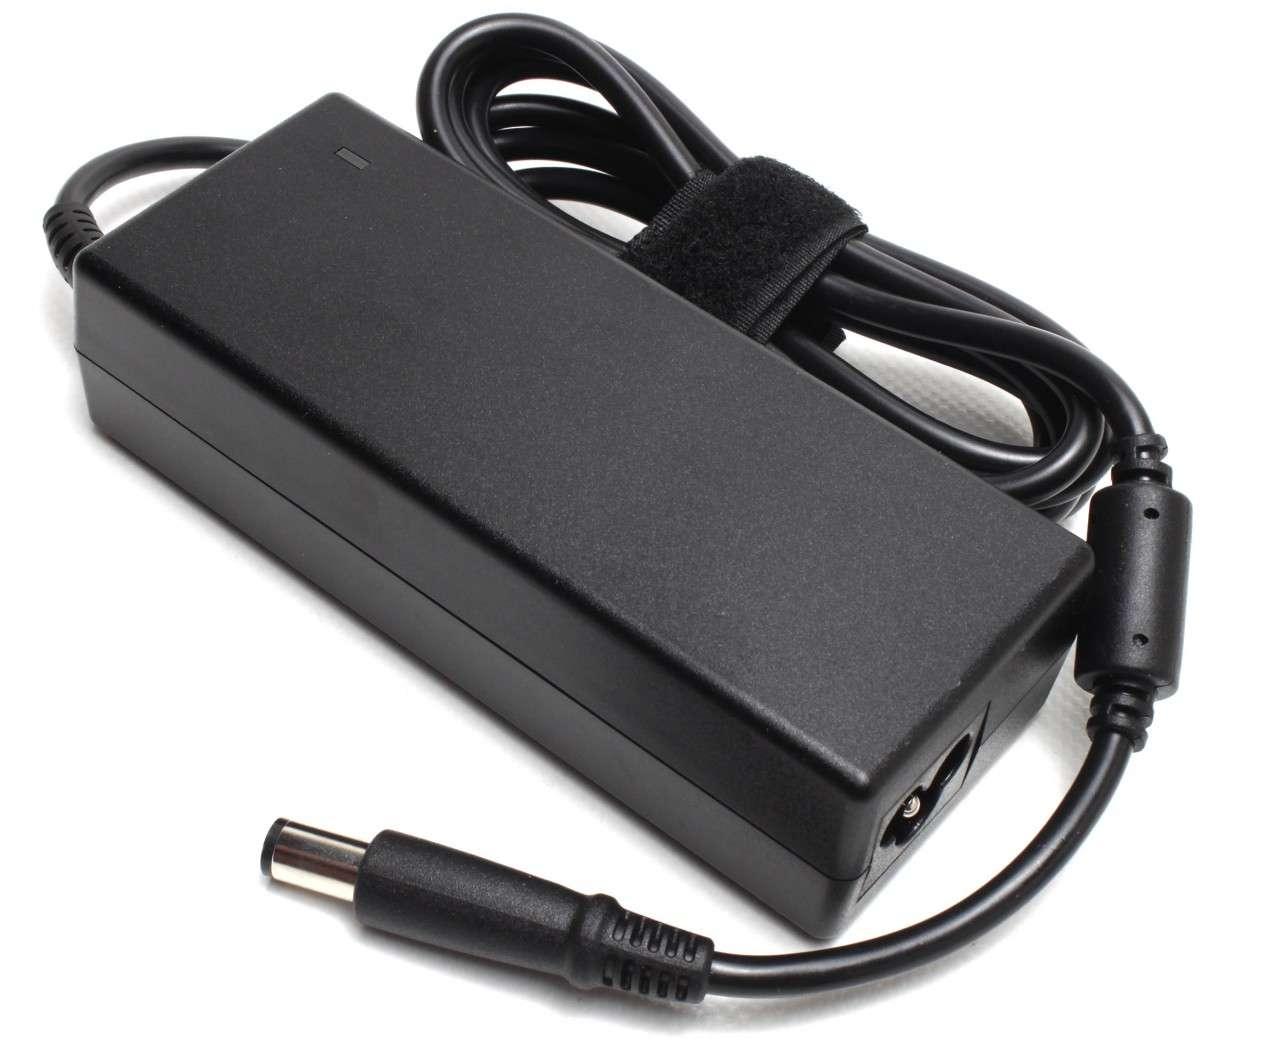 Incarcator Dell Vostro 1721 VARIANTA 3 imagine powerlaptop.ro 2021